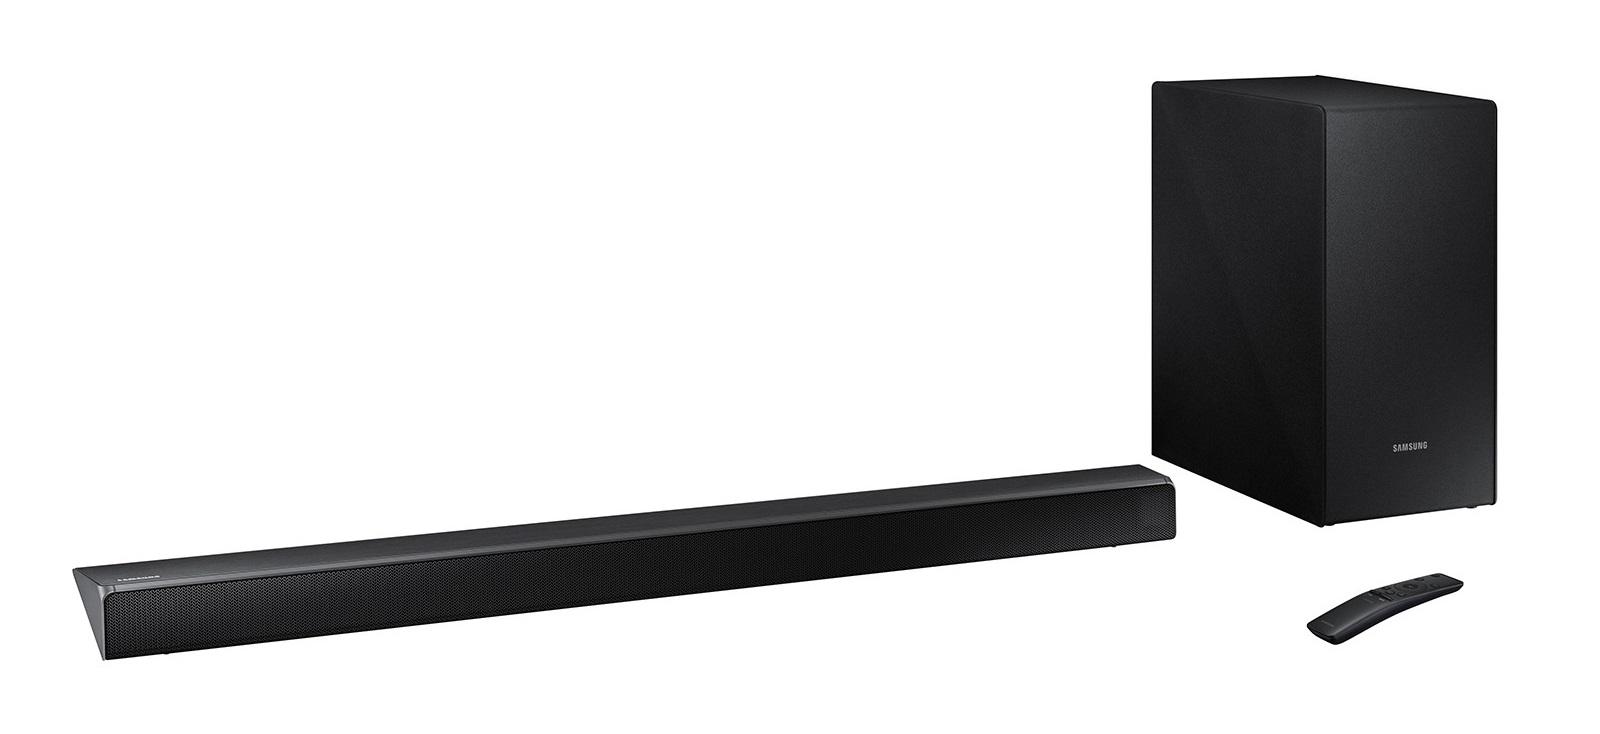 Samsung 320W 2.1 Ch Soundbar